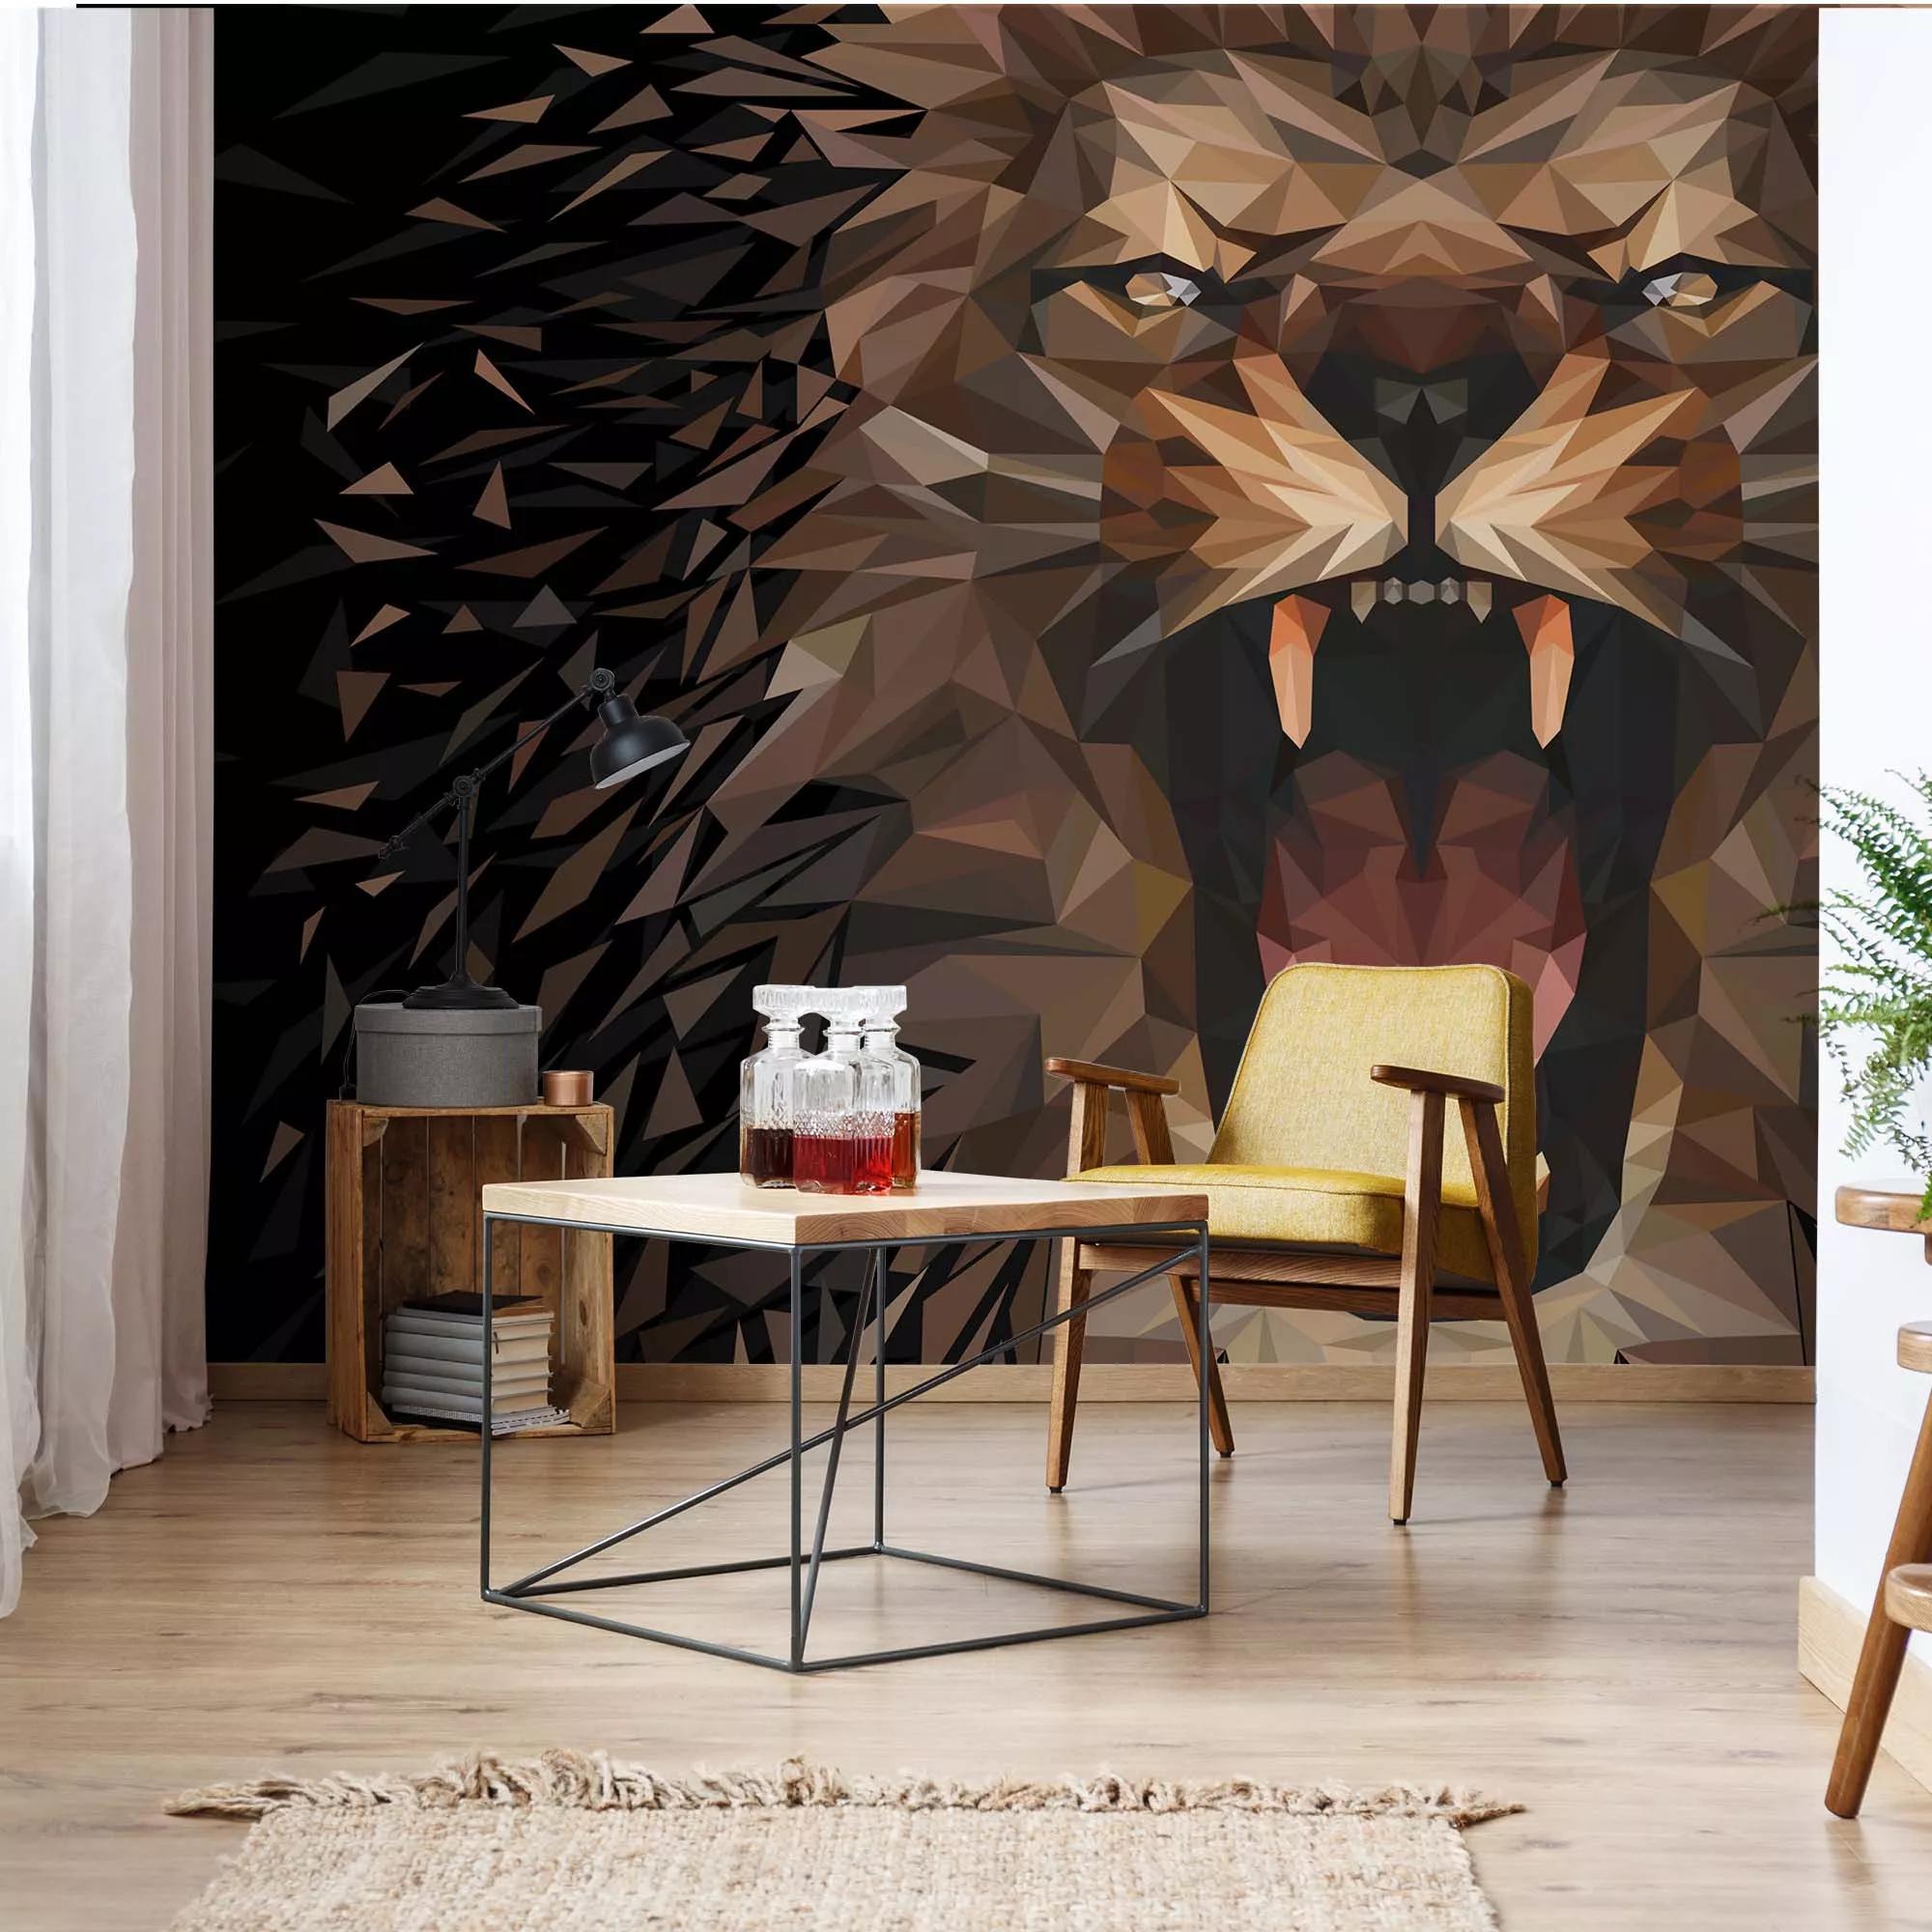 Fali poszter fekete alapon sokszög mintás modern oroszlán mintával